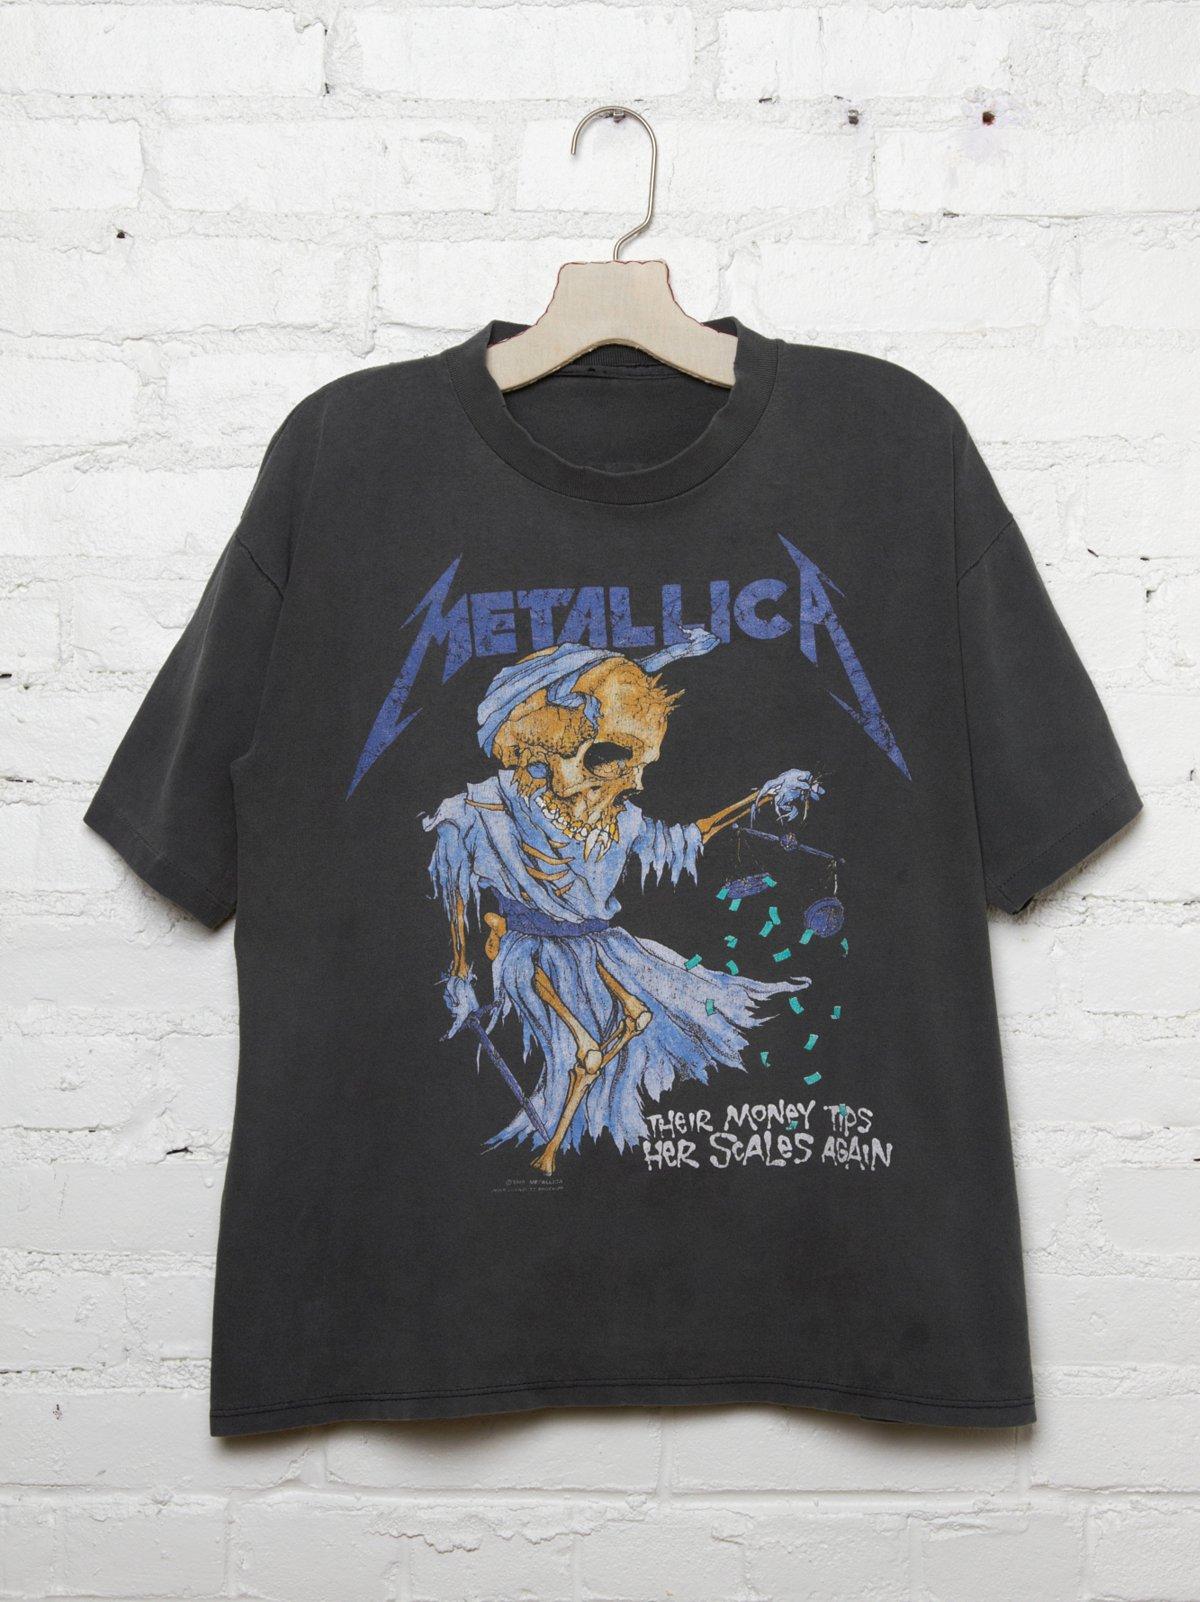 Vintage Metallica Tee